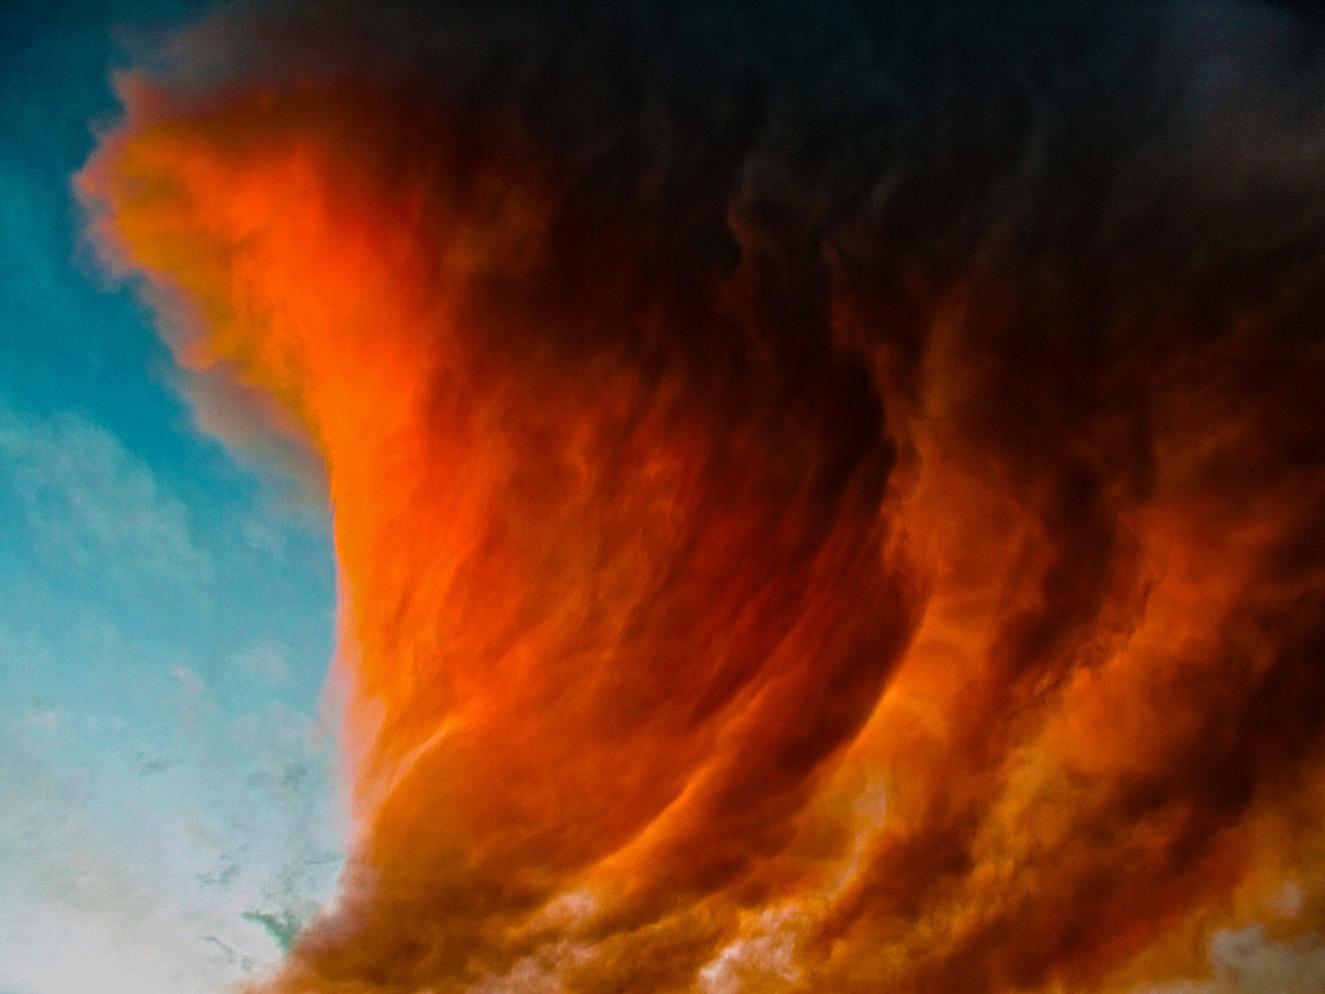 """фото """"Sunset reflected in a cloud"""" метки: абстракция, панорама, облака"""